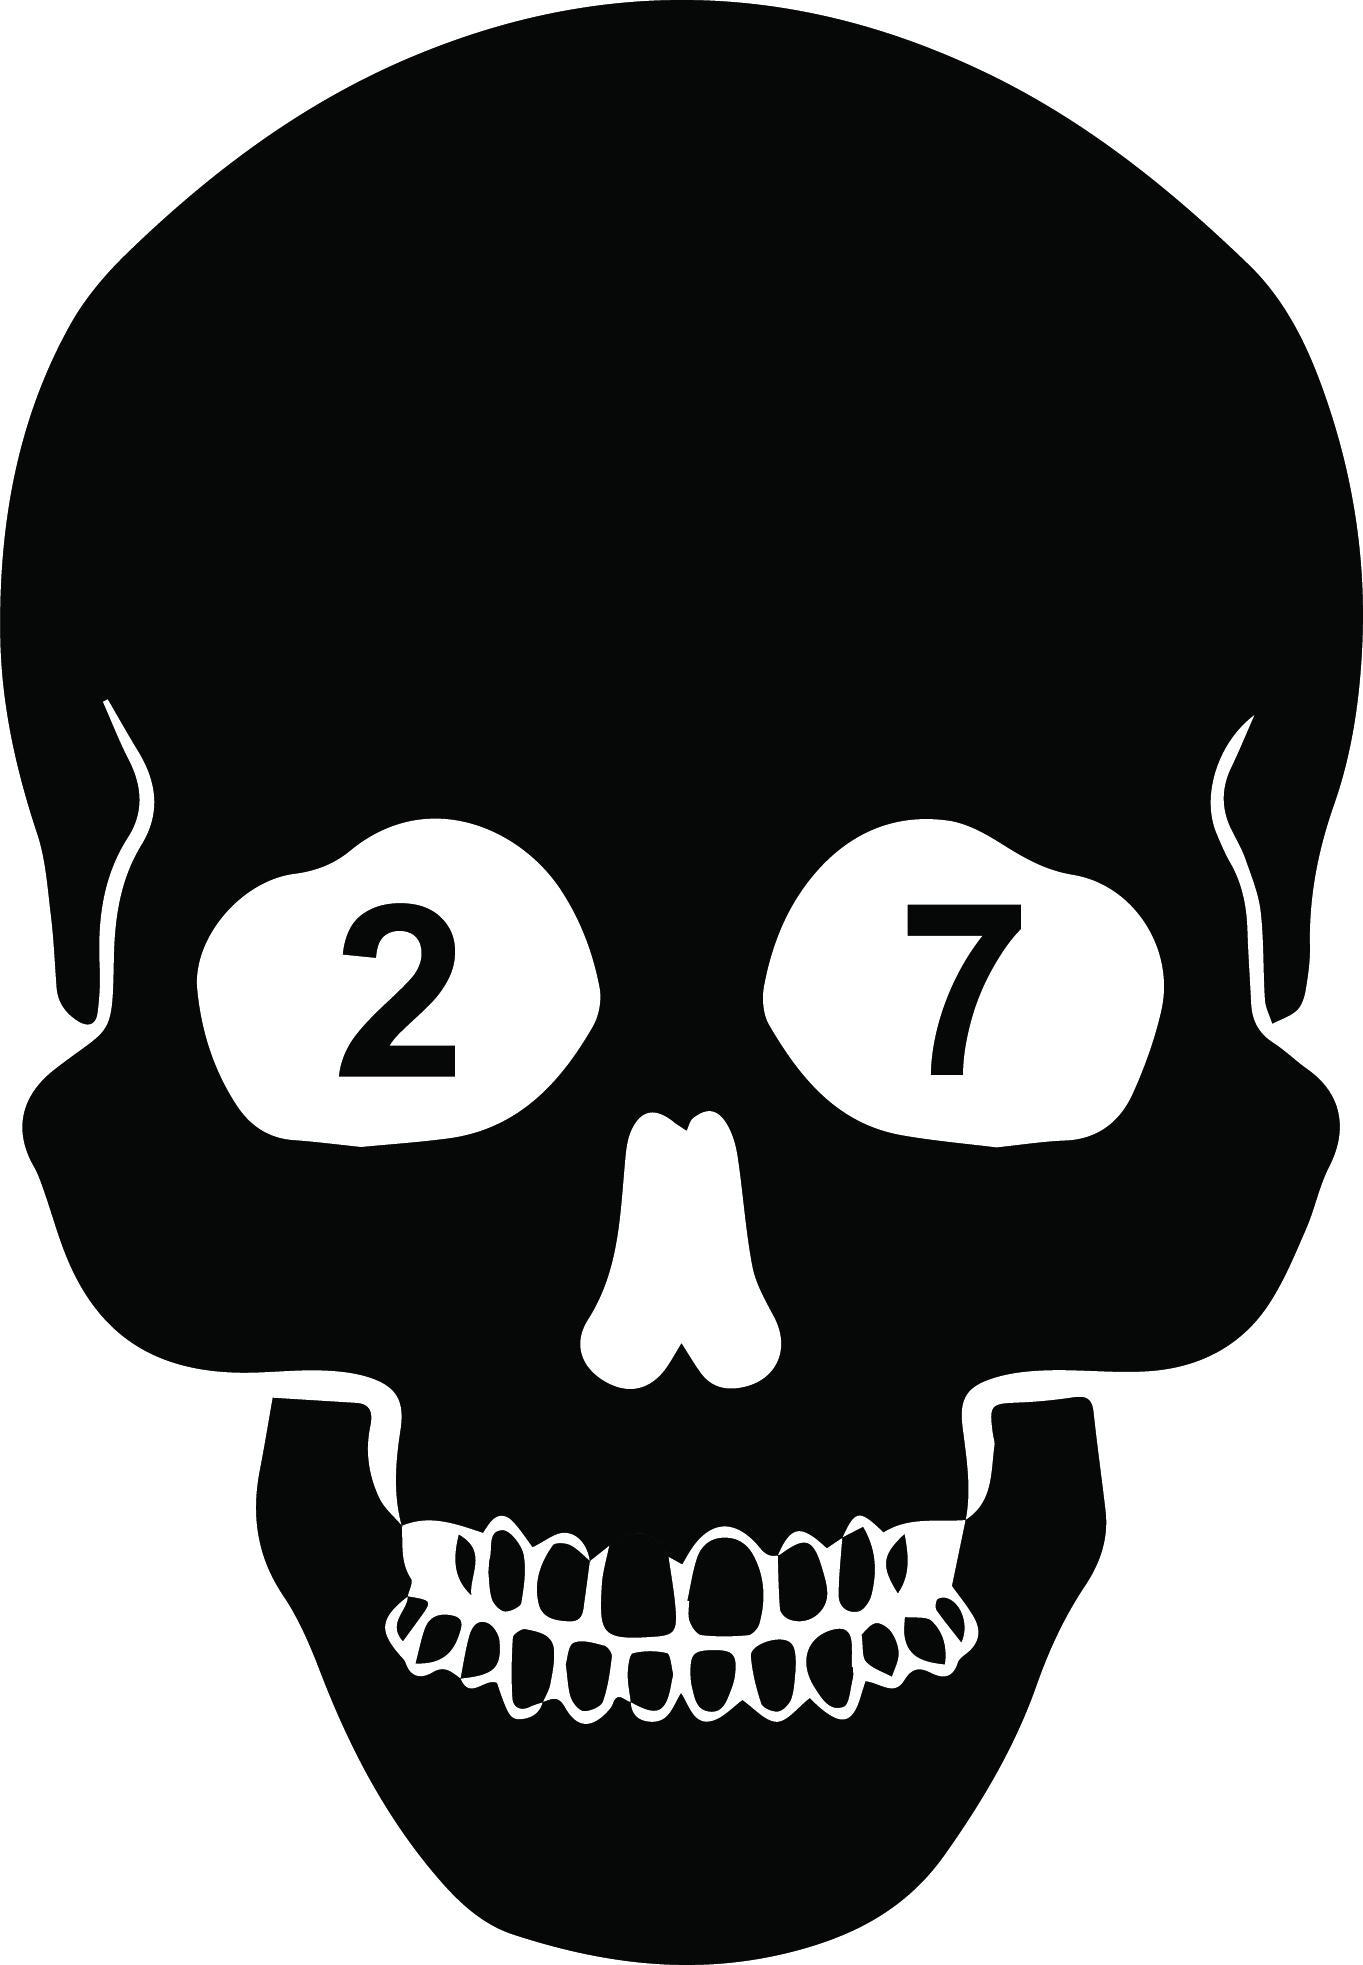 27 skull.jpg